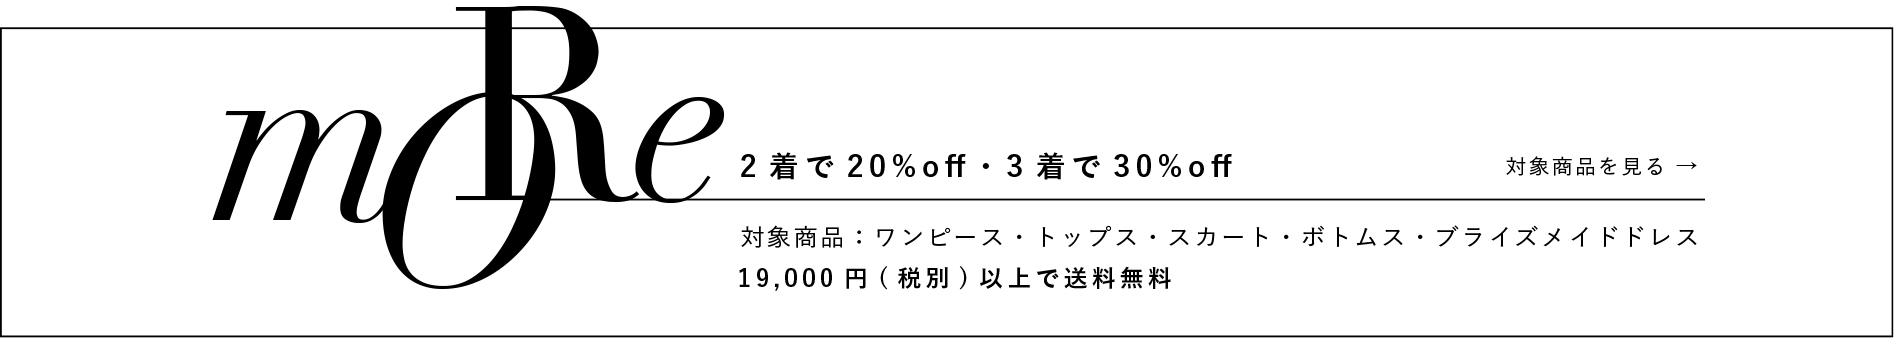 2着で20%off・3着で30%off